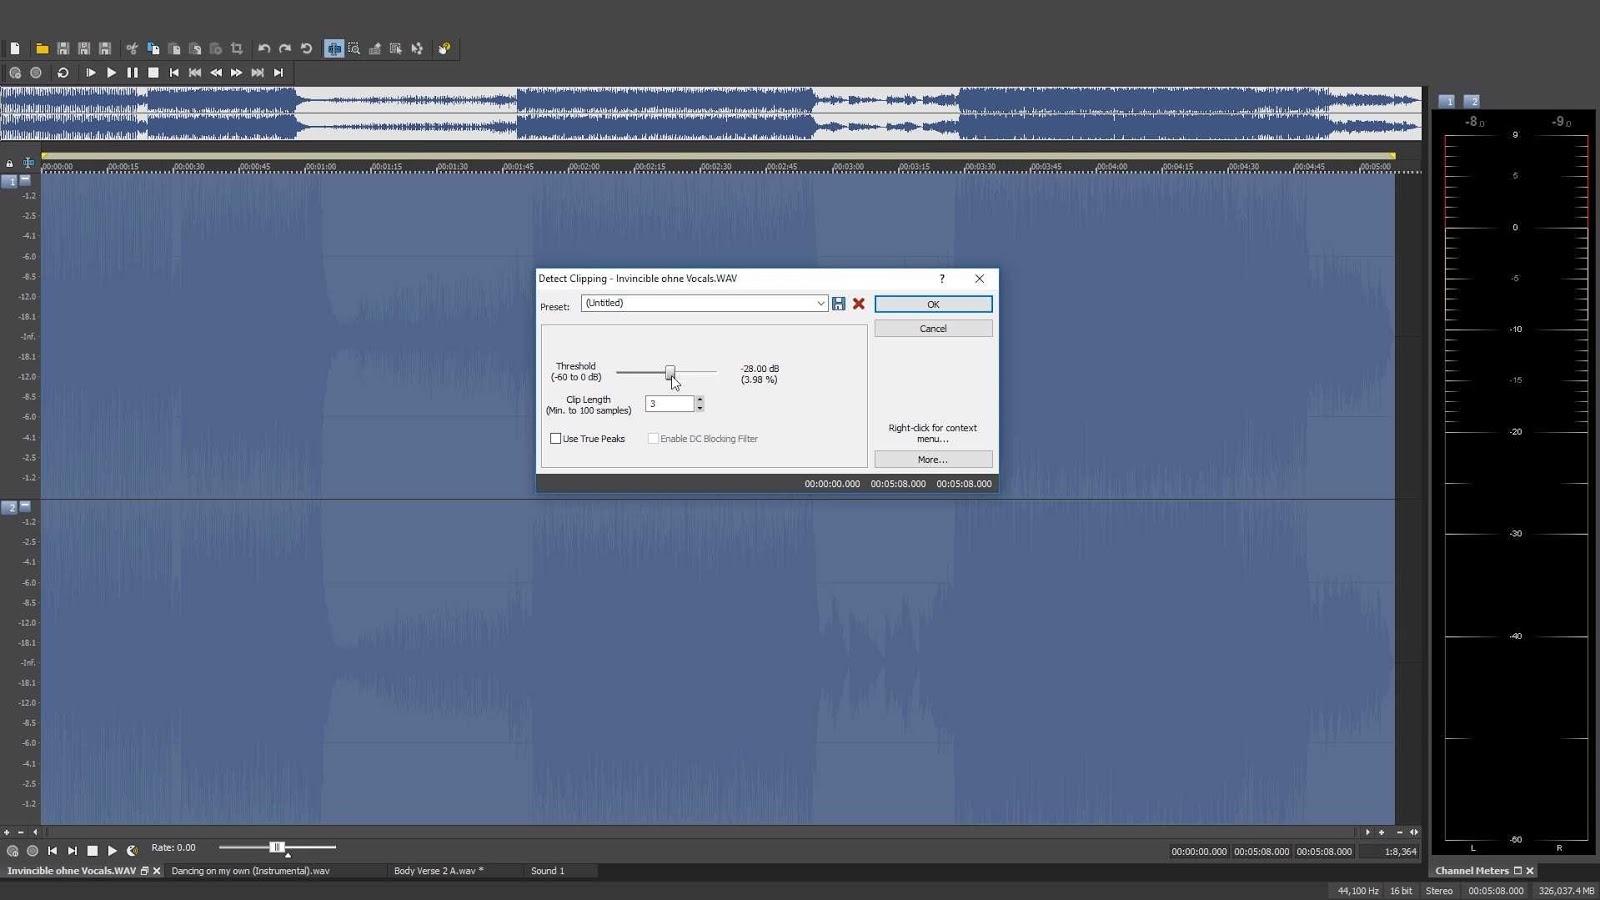 MAGIX SOUND FORGE Pro Suite 14.0.0.65